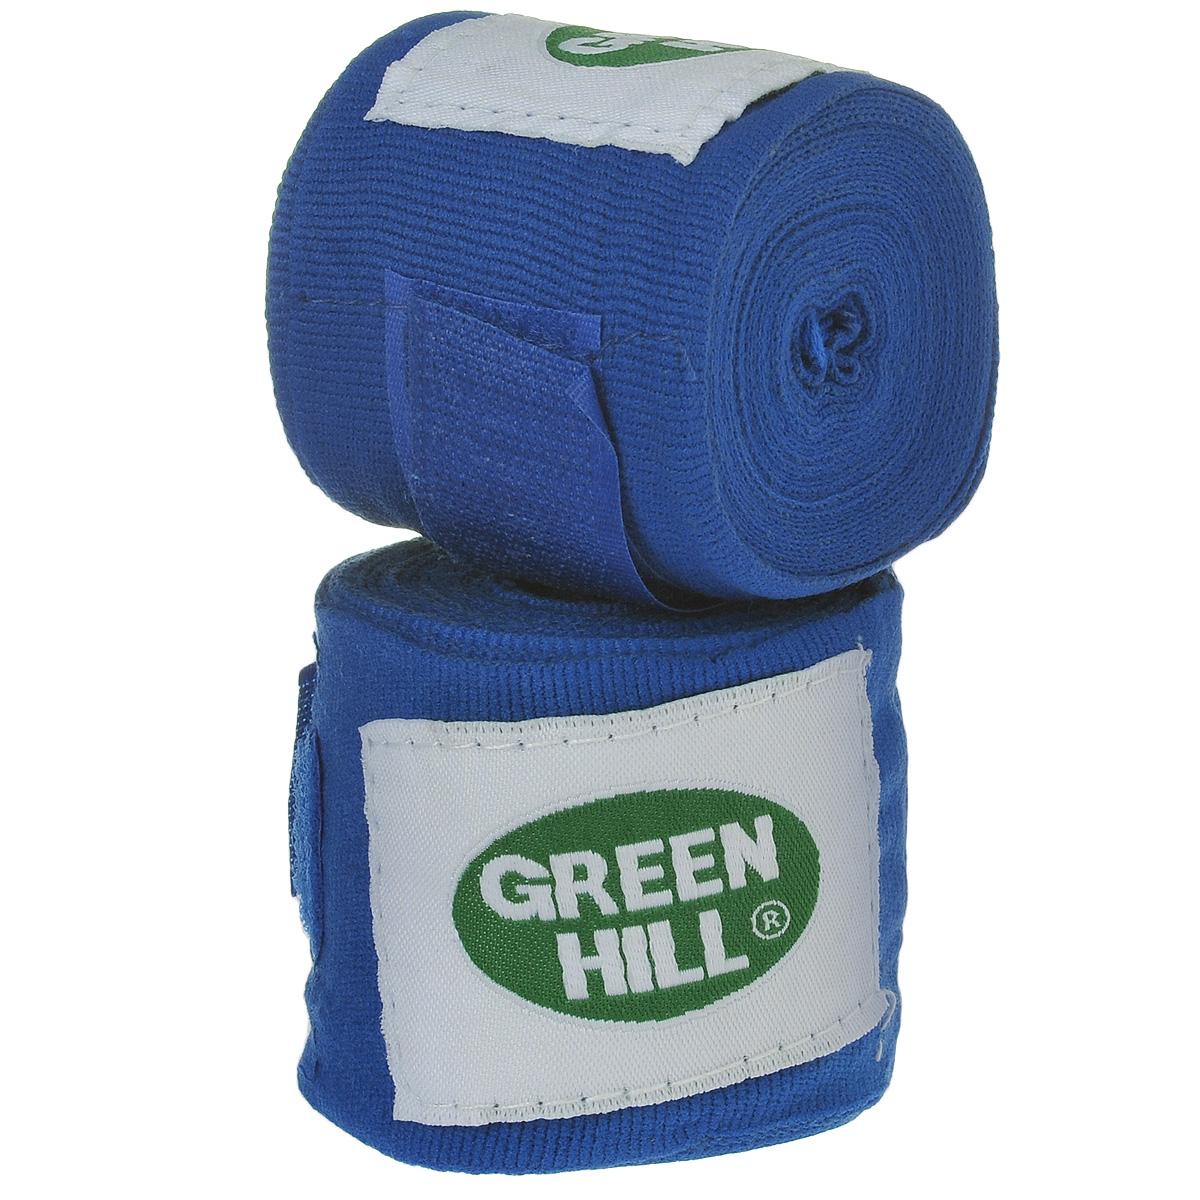 Бинты боксерские Green Hill, эластик, цвет: синий, 2,5 м, 2 штВР-6232-25Бинты Green Hill предназначены для защиты запястья во время занятий боксом. Изготовлены из высококачественного хлопка с добавлением эластана. Бинты надежно закрепляются на руке застежкой на липучке.Длина бинтов: 2,5 м.